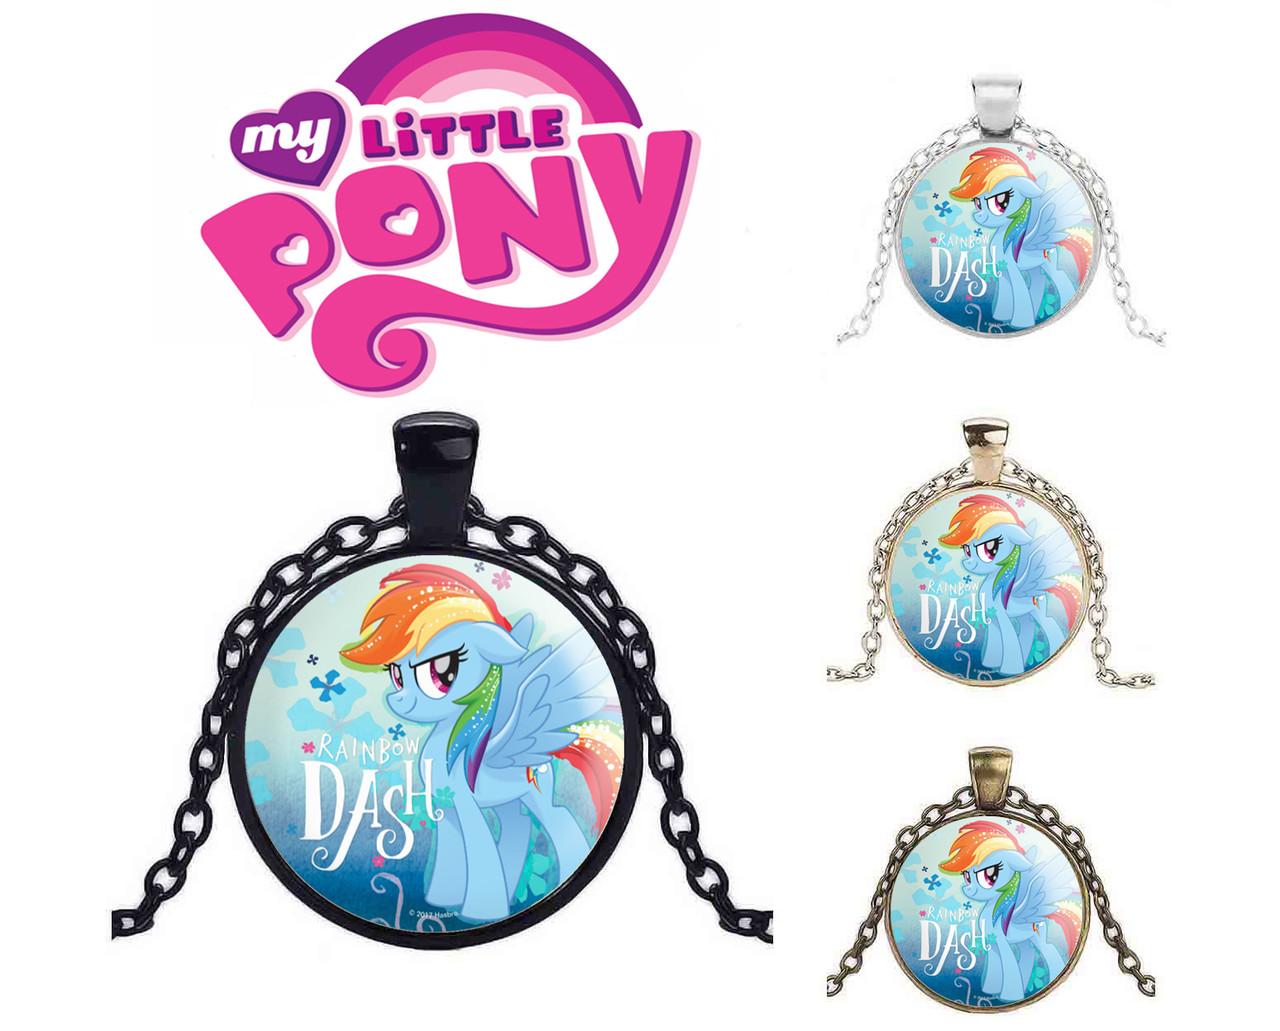 Подвеска My Little Pony с персонажем Реинбоу Деш